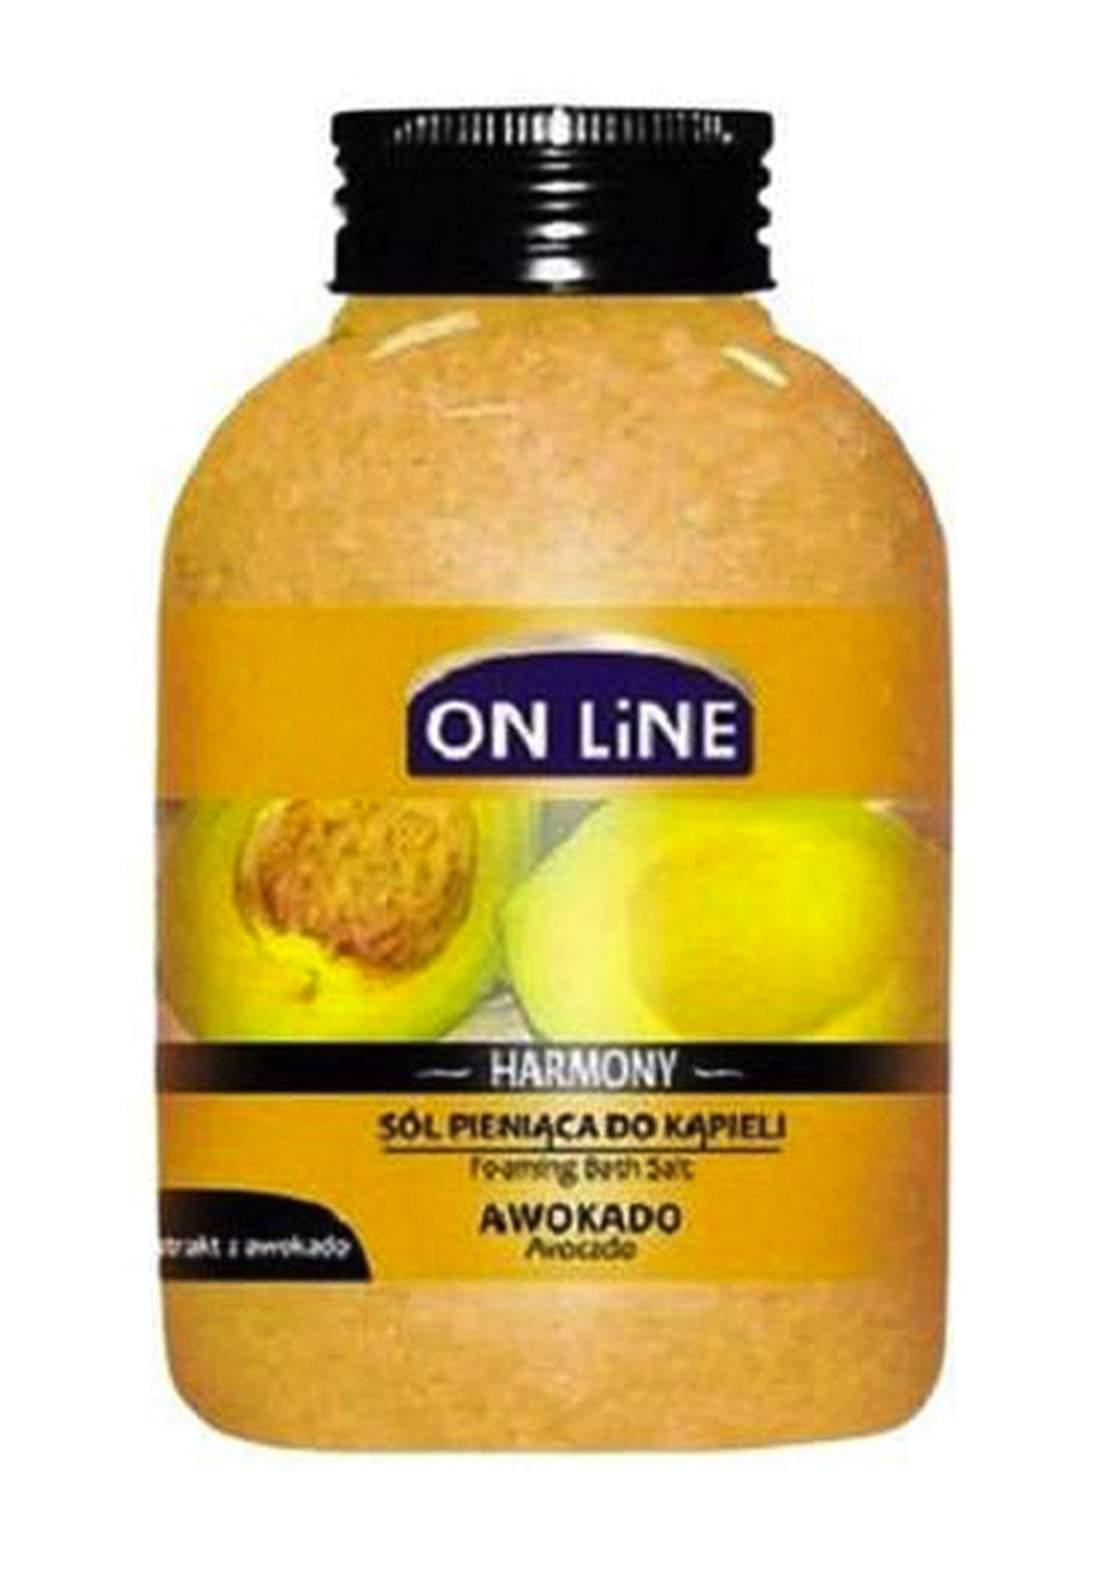 Online Harmony avocado 600g املاح العناية بالجسم